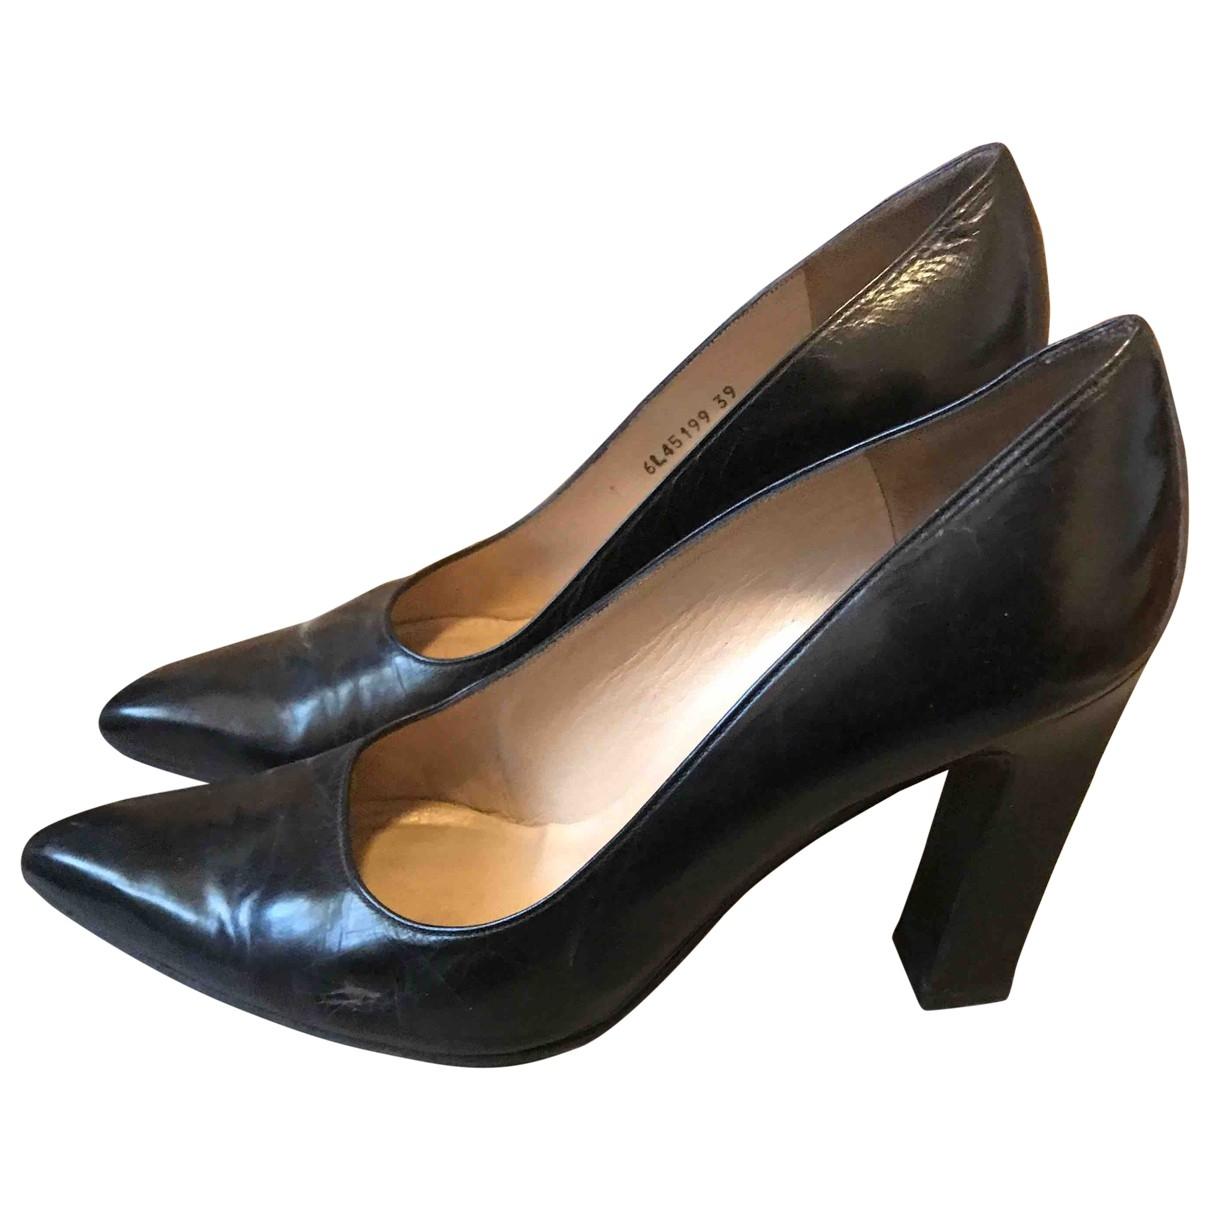 Stuart Weitzman - Escarpins   pour femme en cuir - noir